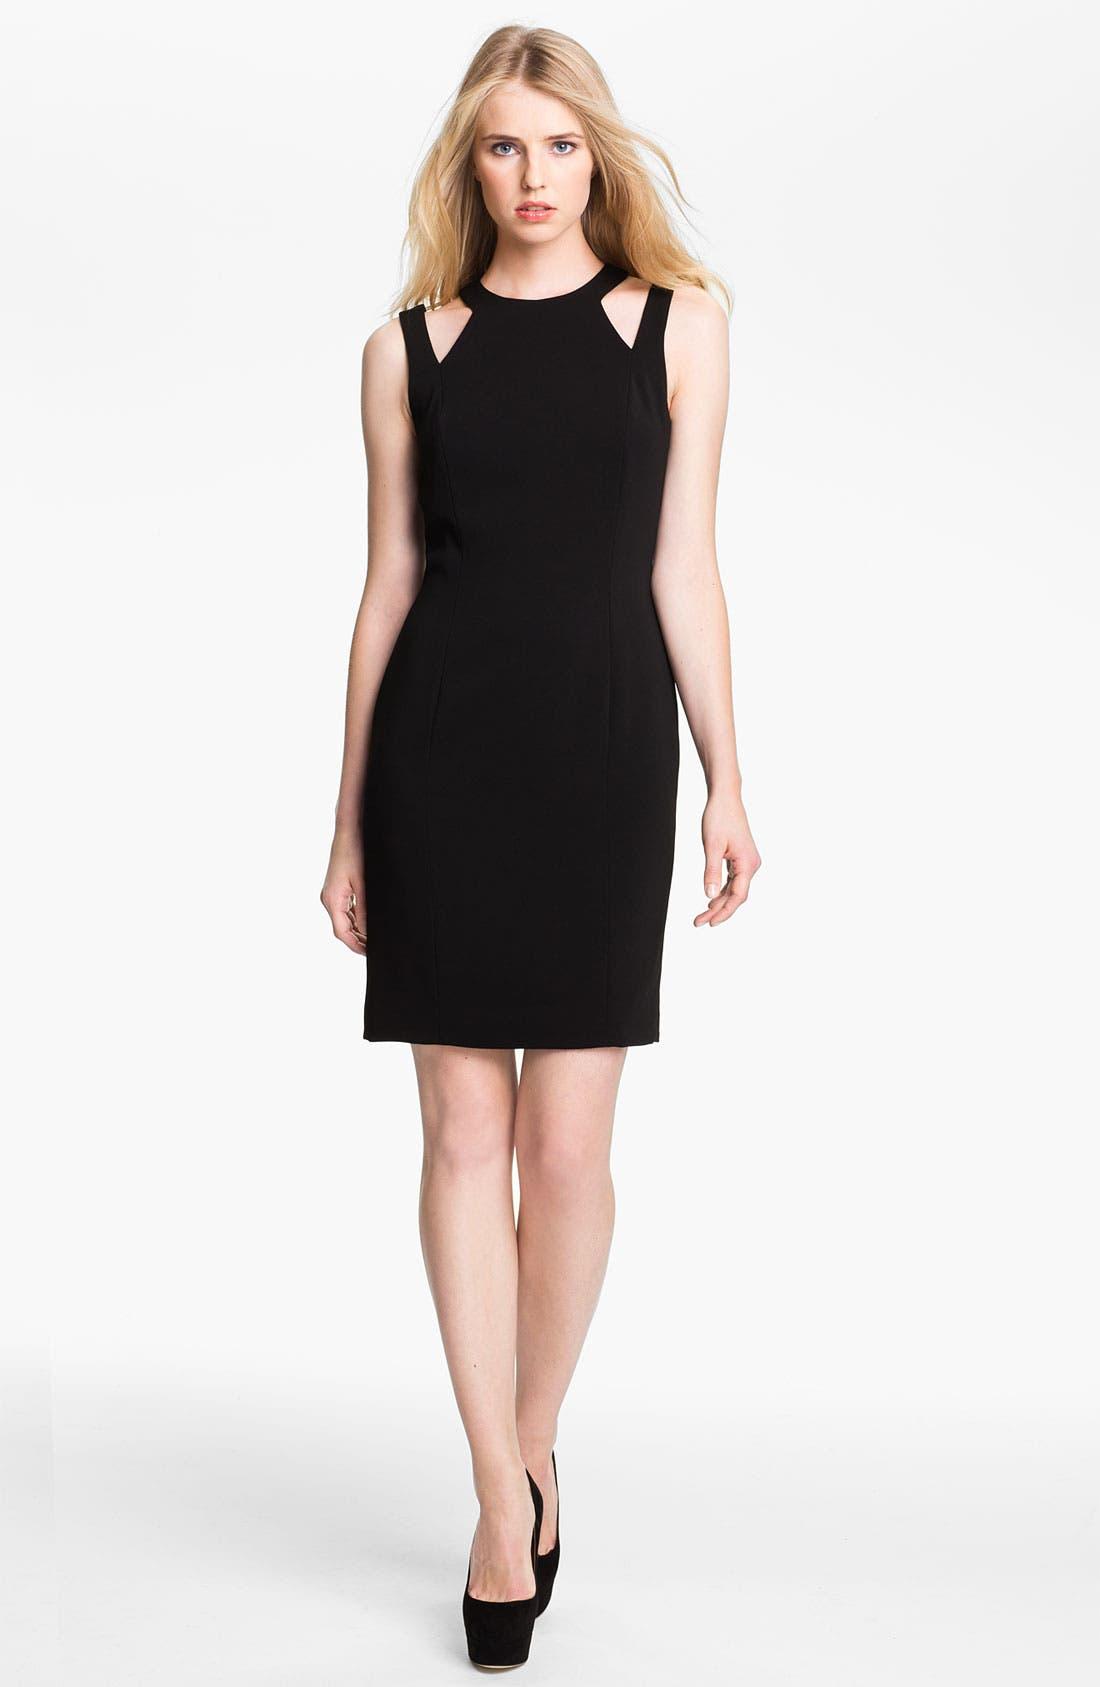 Main Image - Jay Godfrey 'Hendry' Jersey Dress